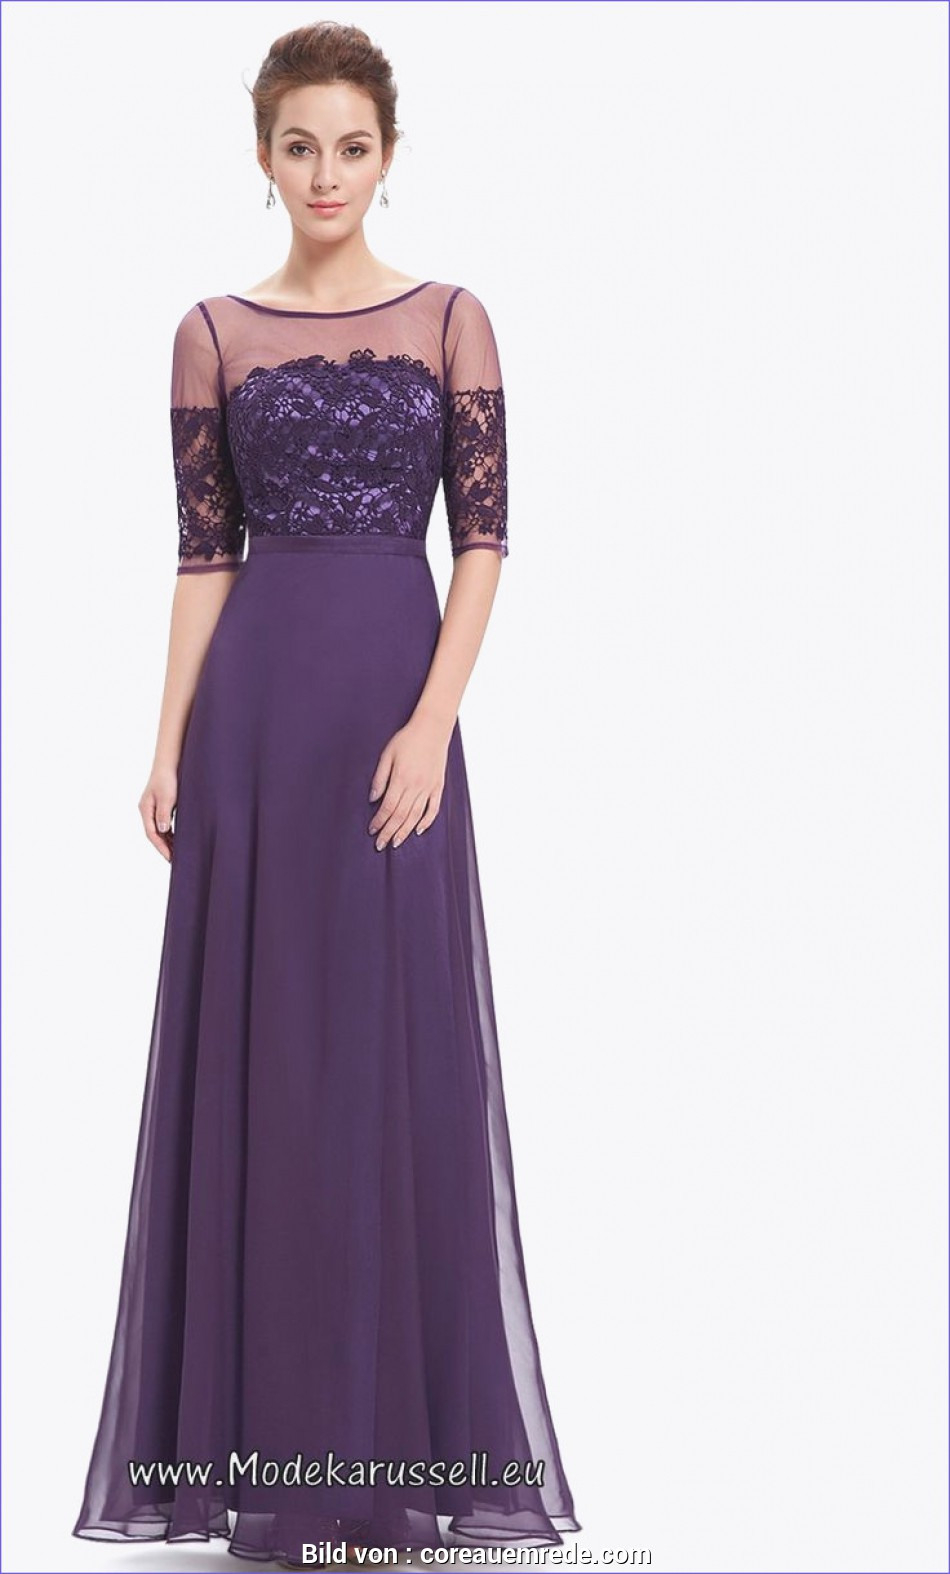 Luxus Abendkleider Größe 50 für 2019Abend Schön Abendkleider Größe 50 Spezialgebiet